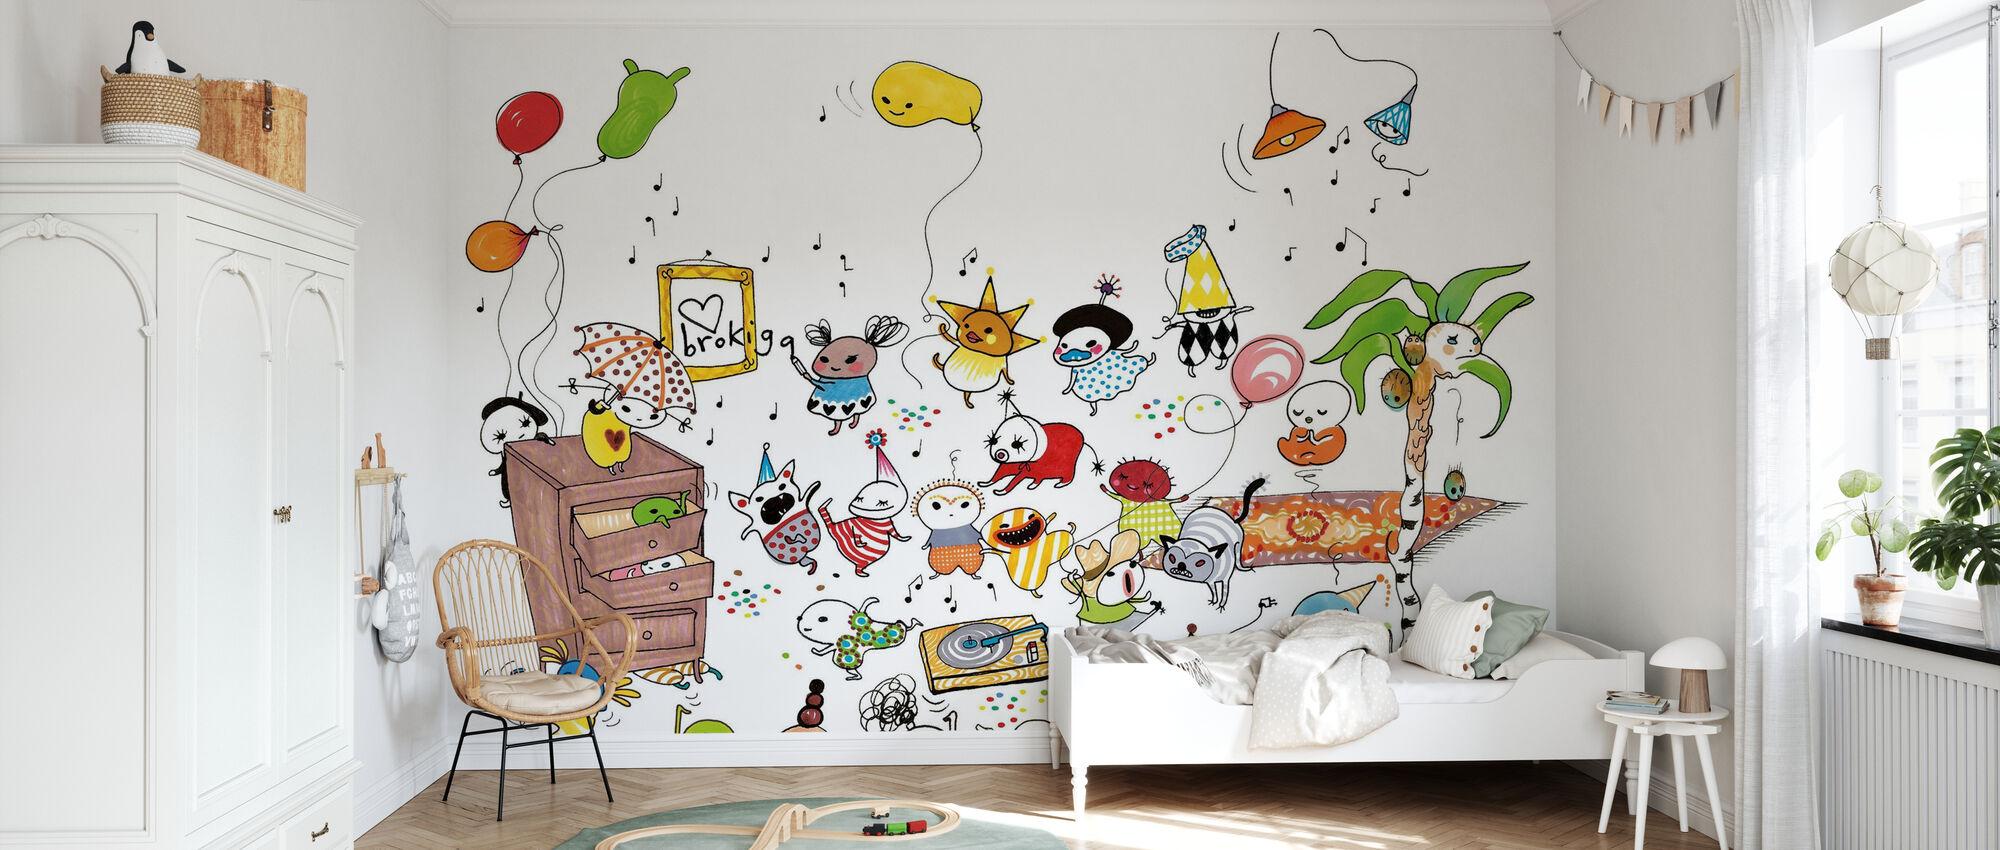 Fest - Wallpaper - Kids Room